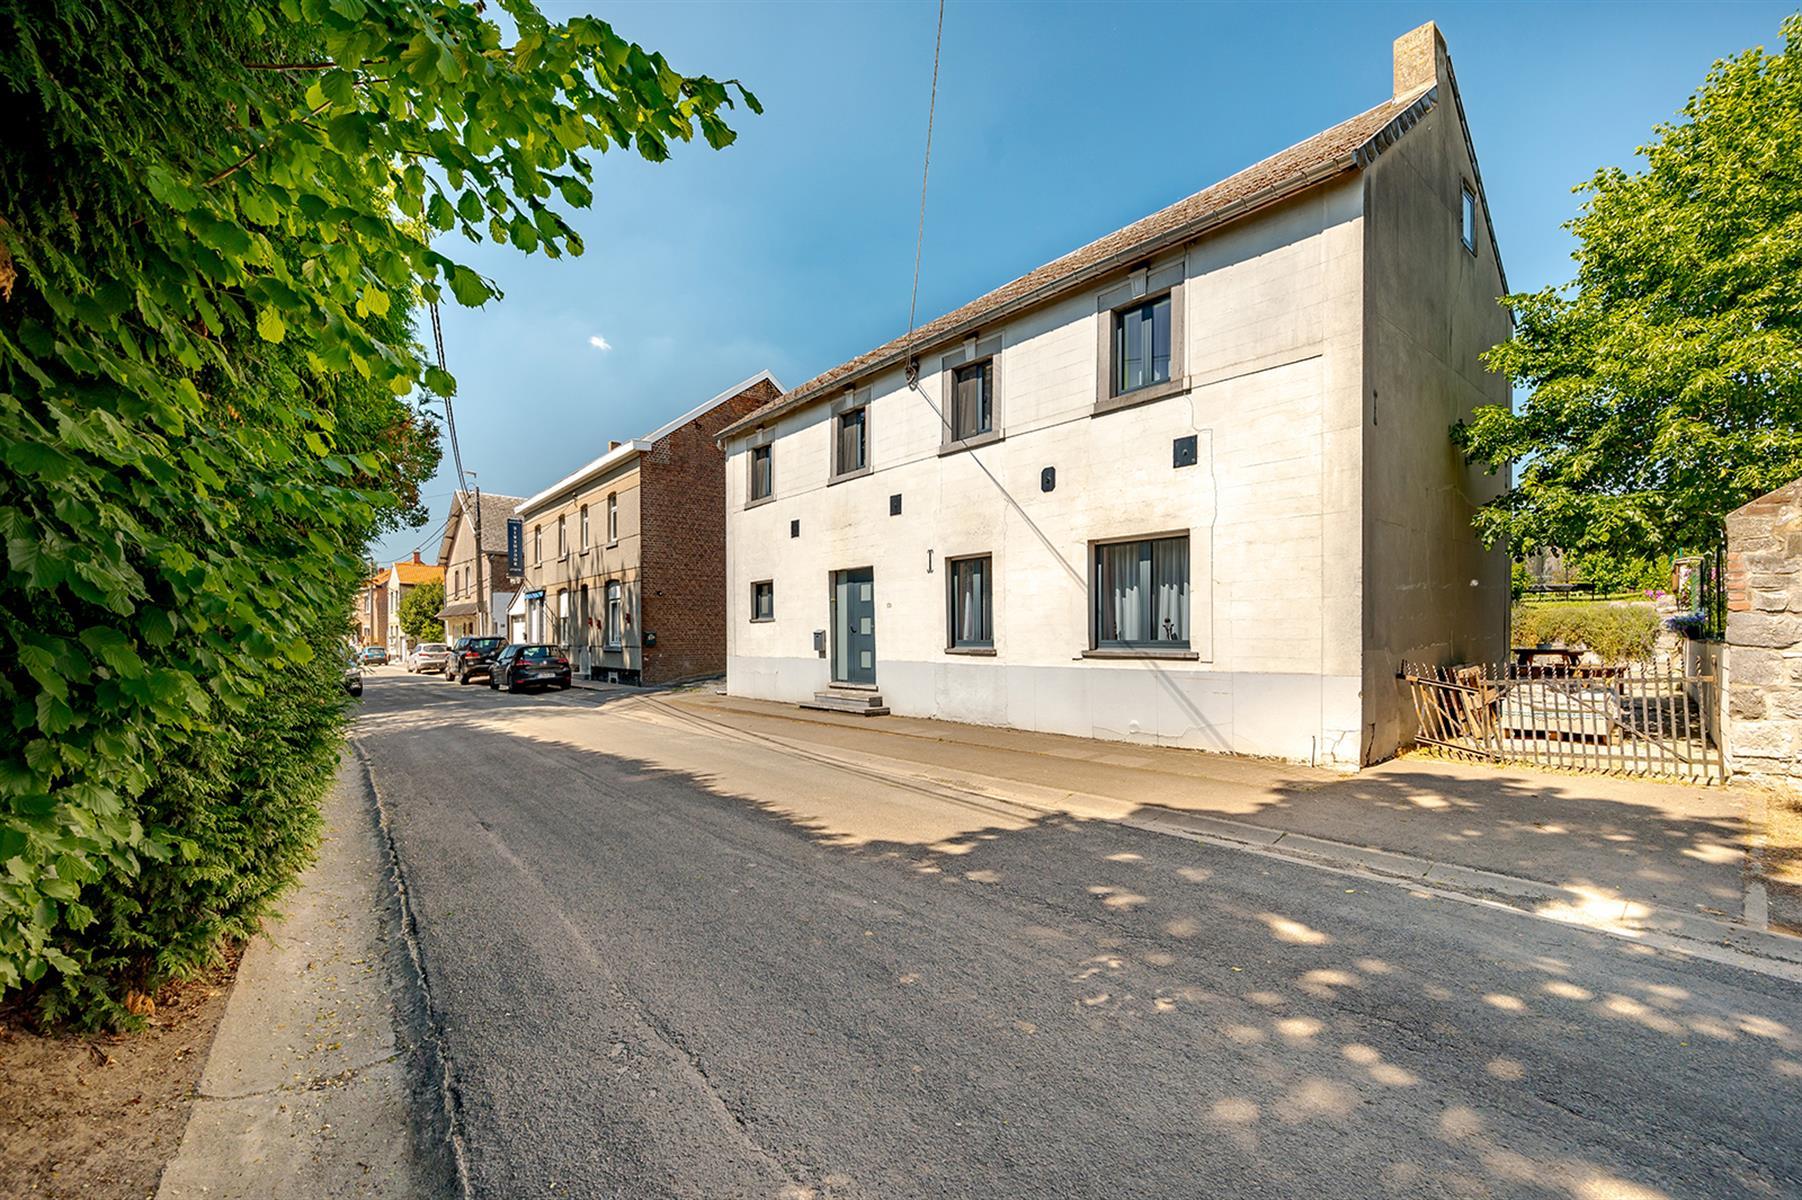 Maison - Villersle-Bouillet Warnant-Dreye - #4392377-28